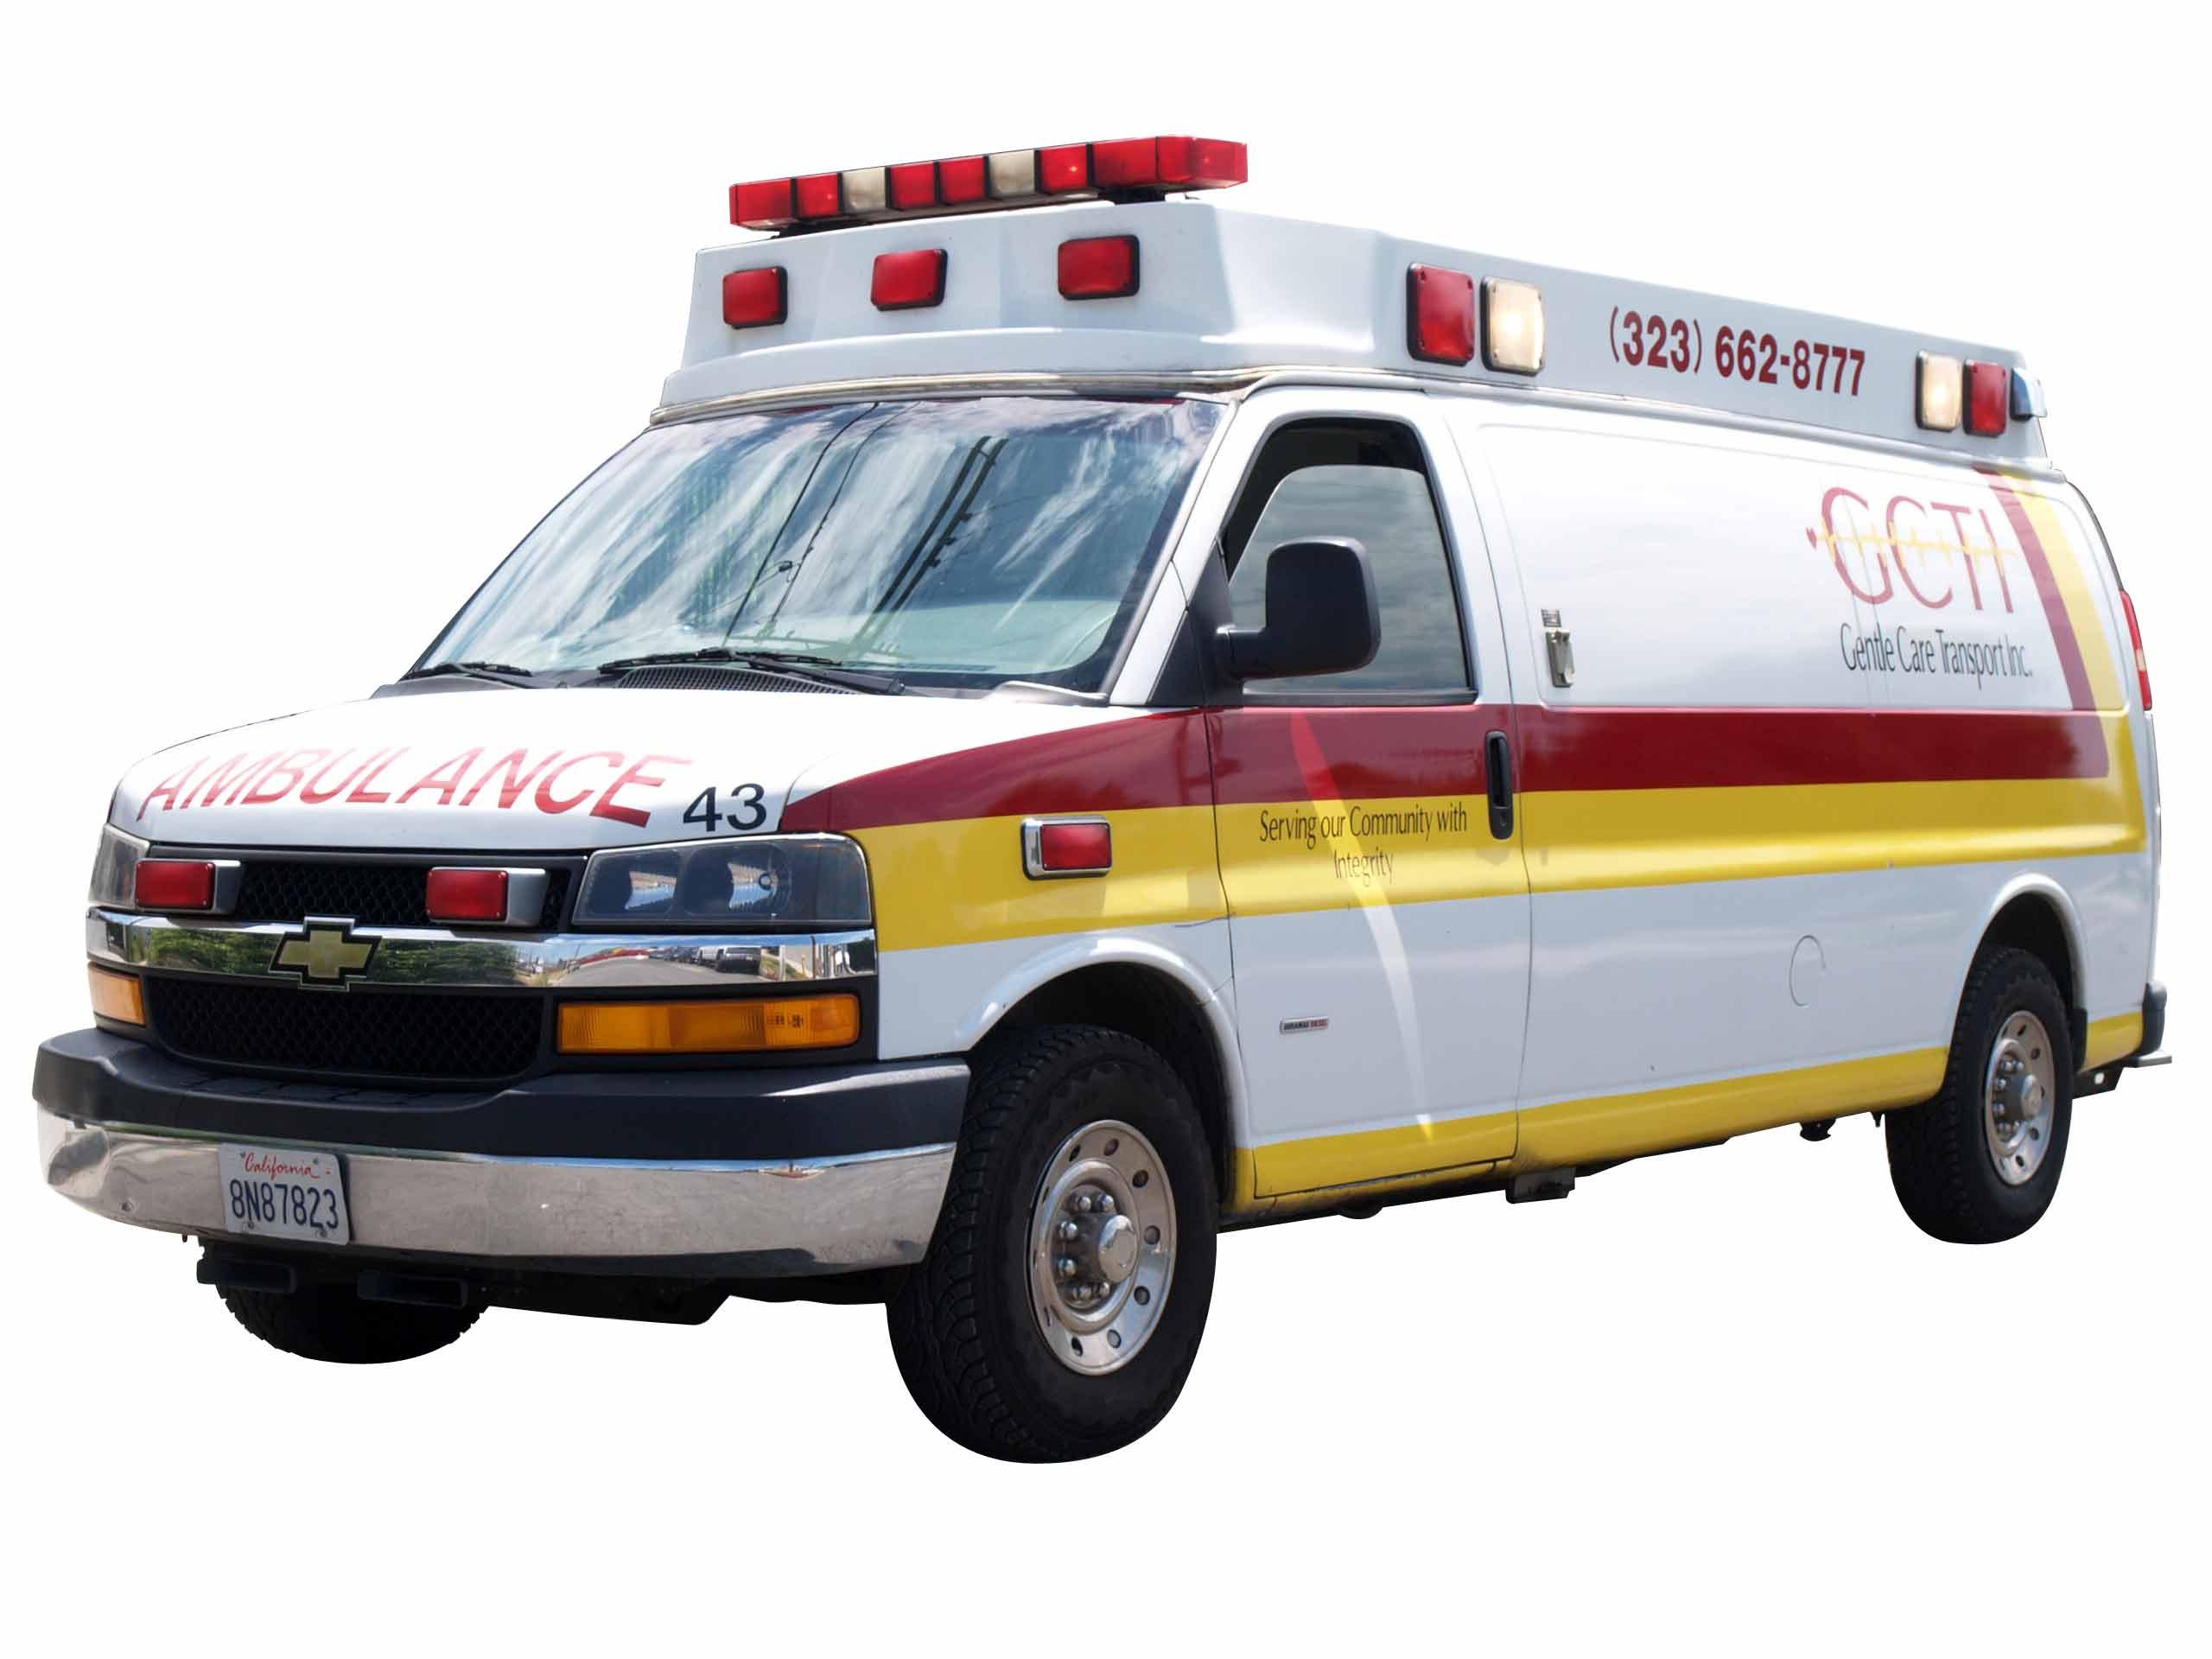 2560x1920 Ambulance White Background Images All White Background